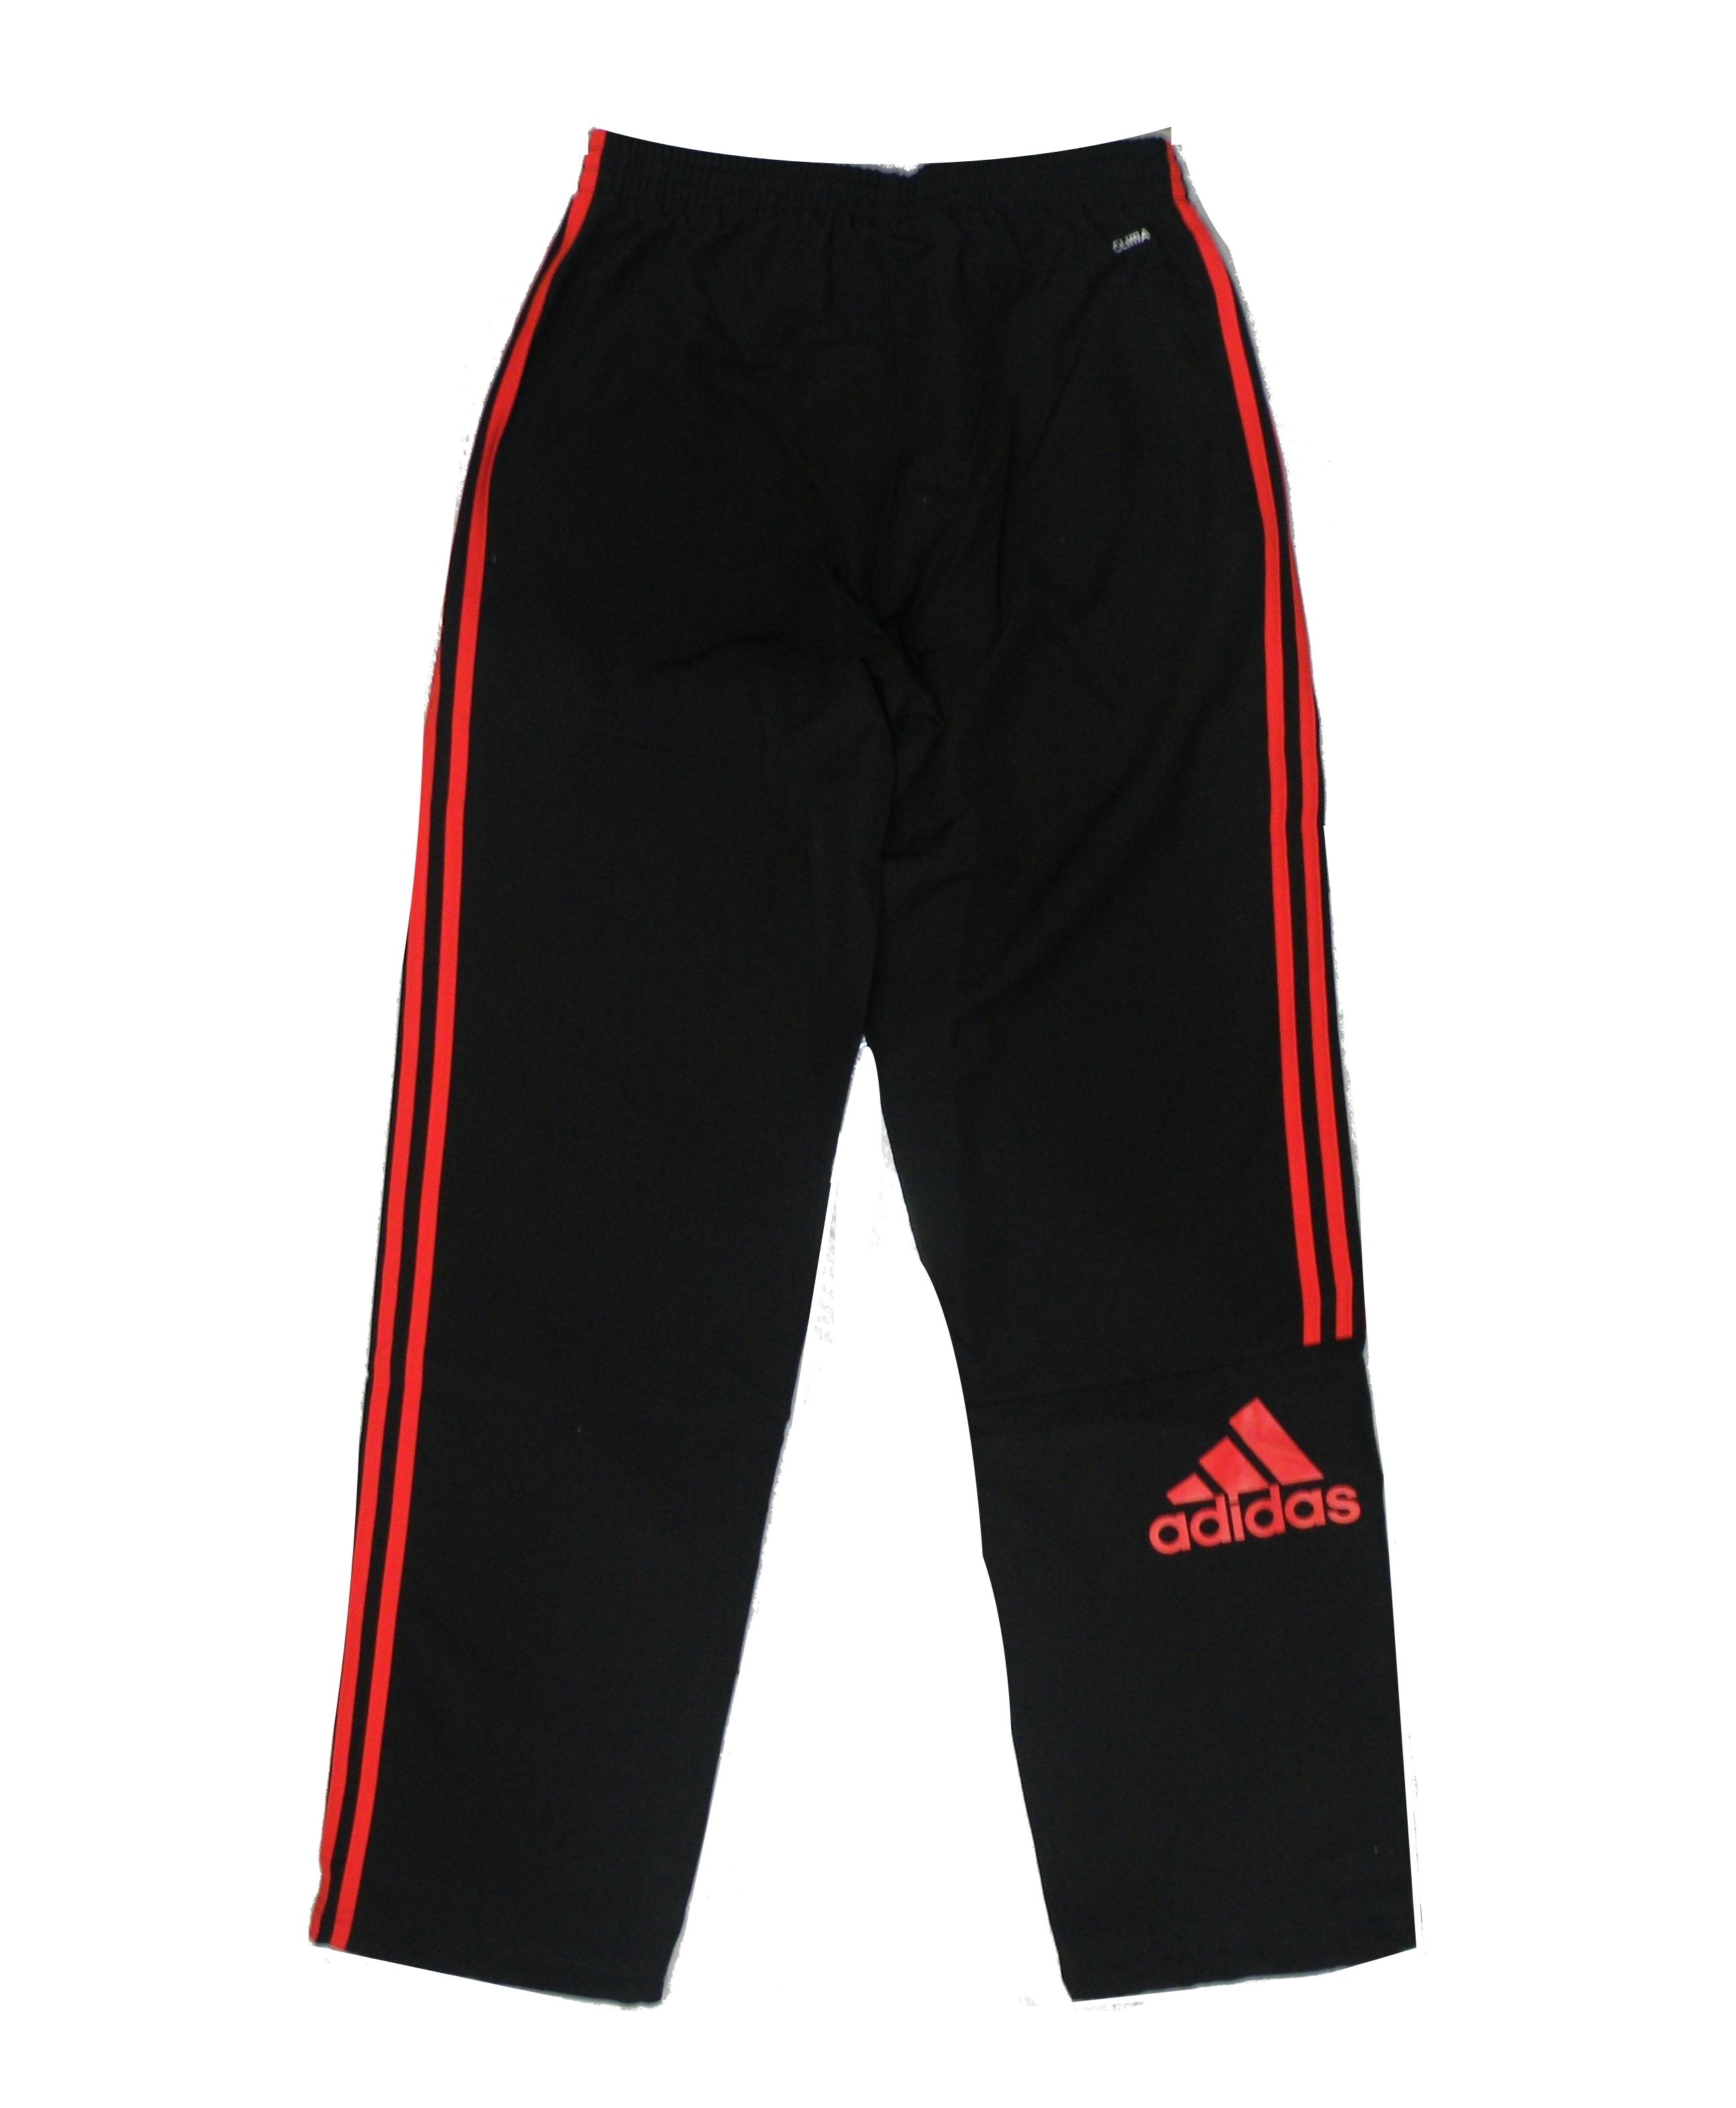 venta directa de fábrica mejor selección de 2019 nueva temporada Adidas Pantalón Logo Woven (negro/naranja)